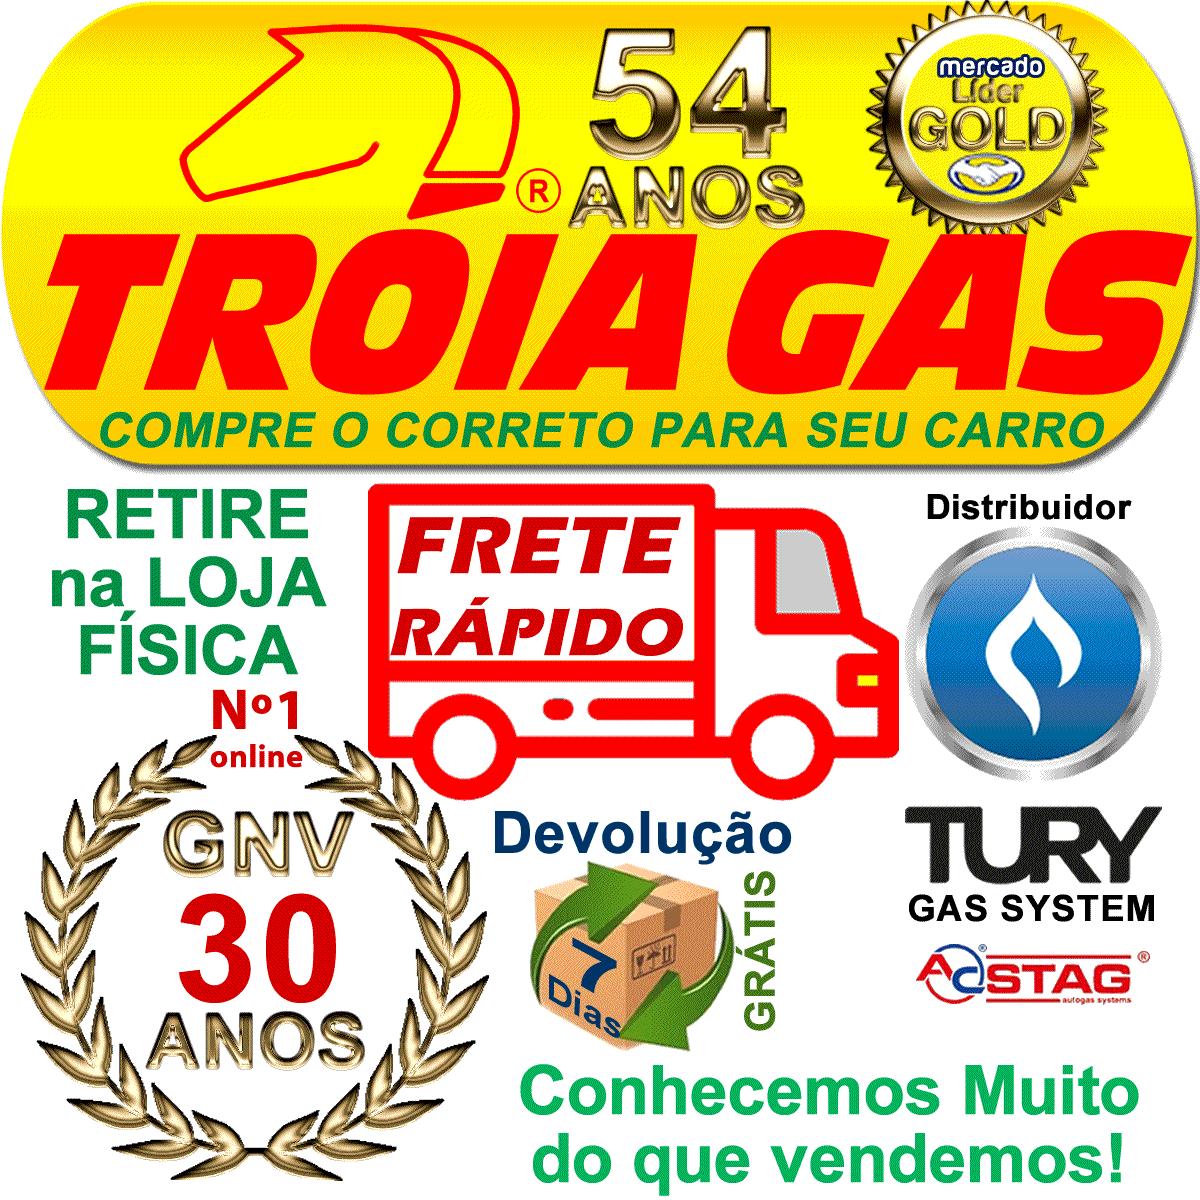 Redutor Lovato Italiano RME090 até 120Hp 2ª 3ª 4ª geração GNV